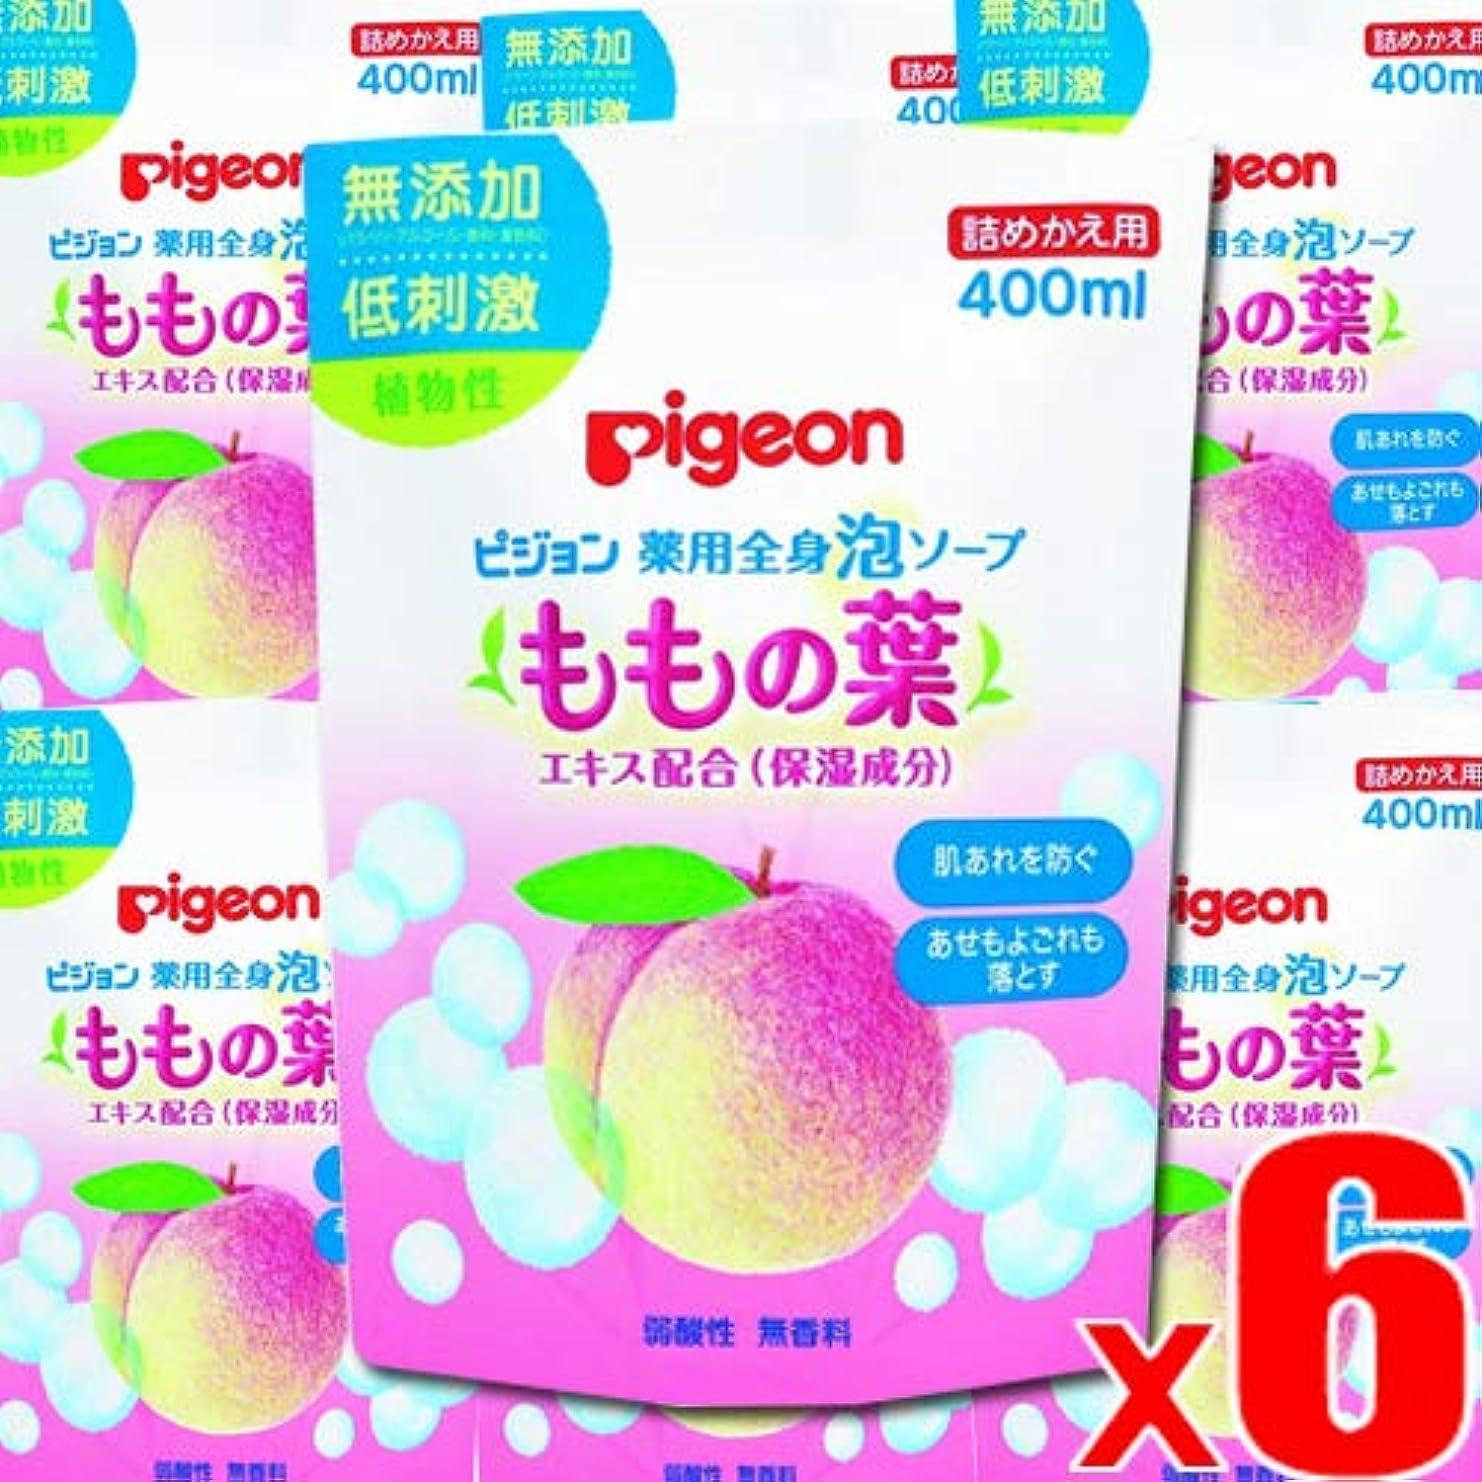 ガラガラバラ色によると【6個】ピジョン Pigeon 薬用全身泡ソープ 詰替え ももの葉エキス配合(保湿成分) 400ml x6個(4902508084123-6)